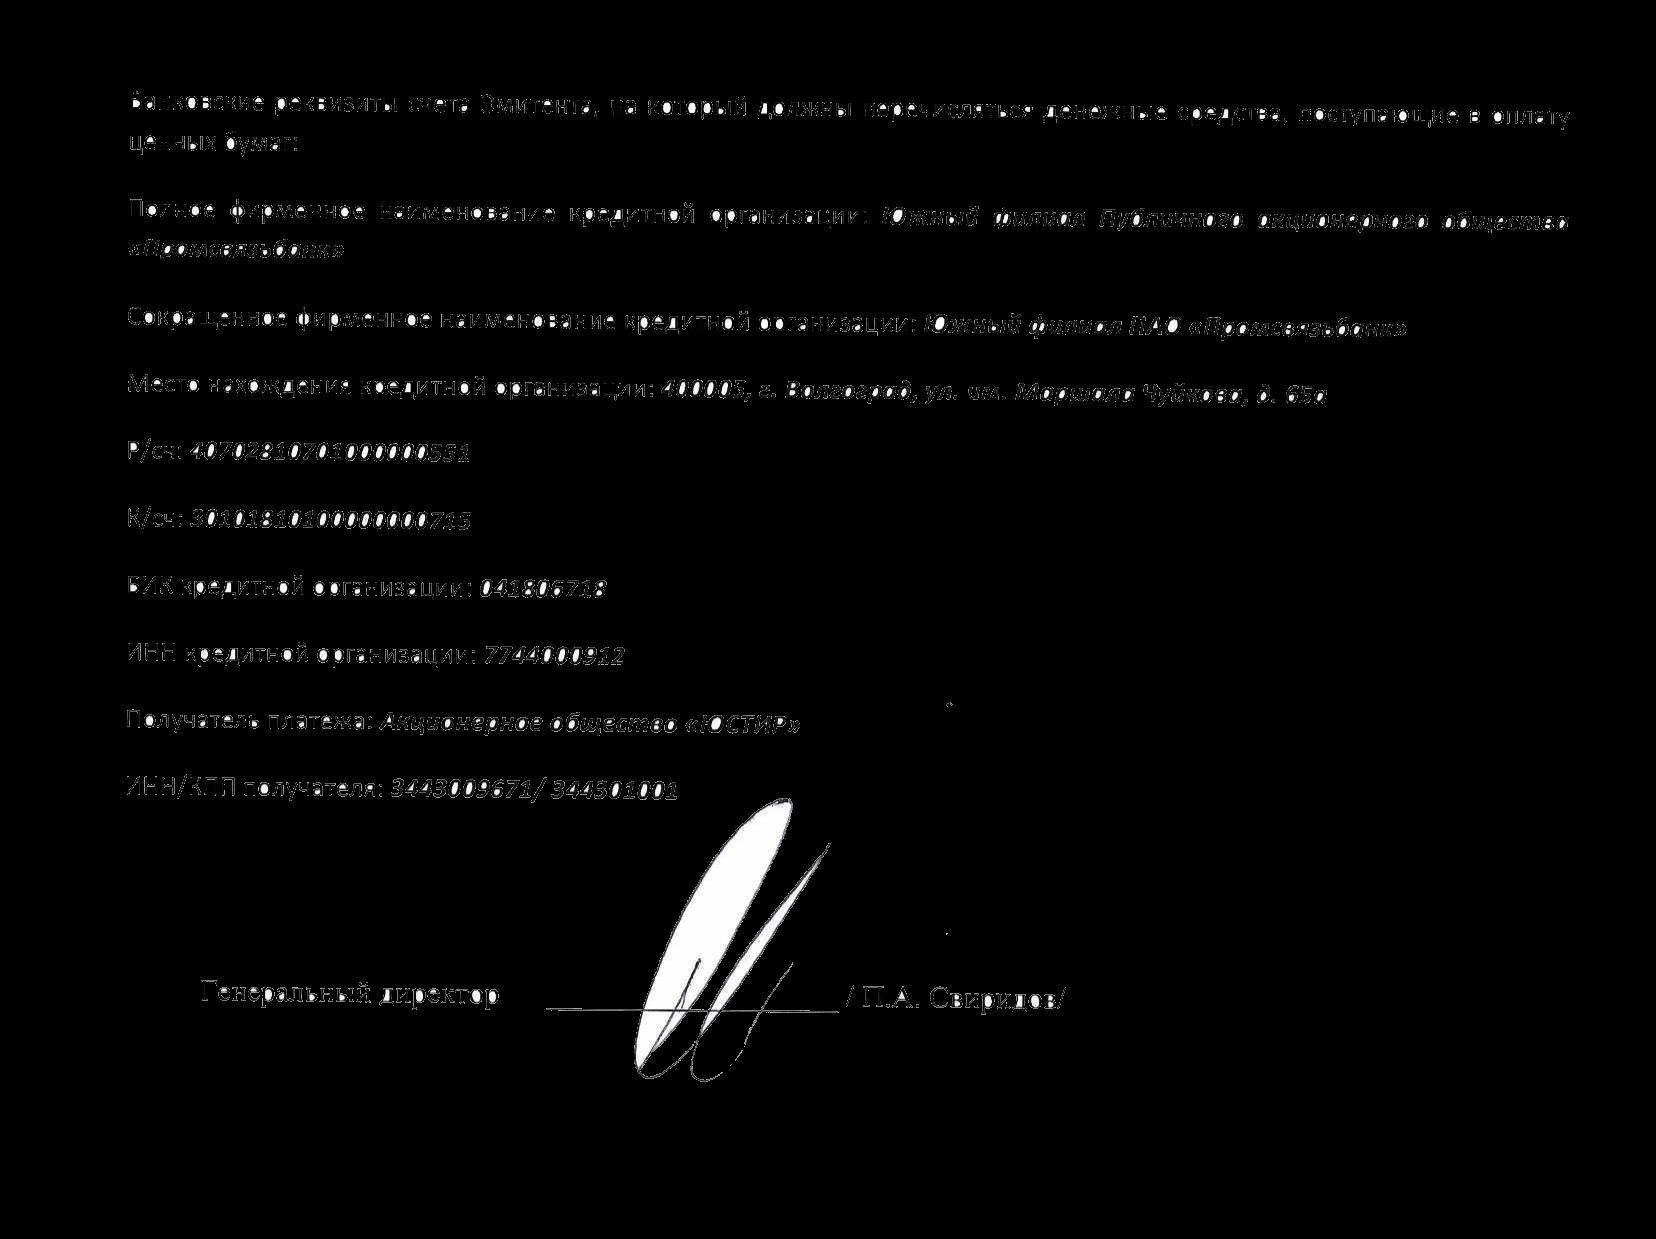 Сообщение для аукционеров